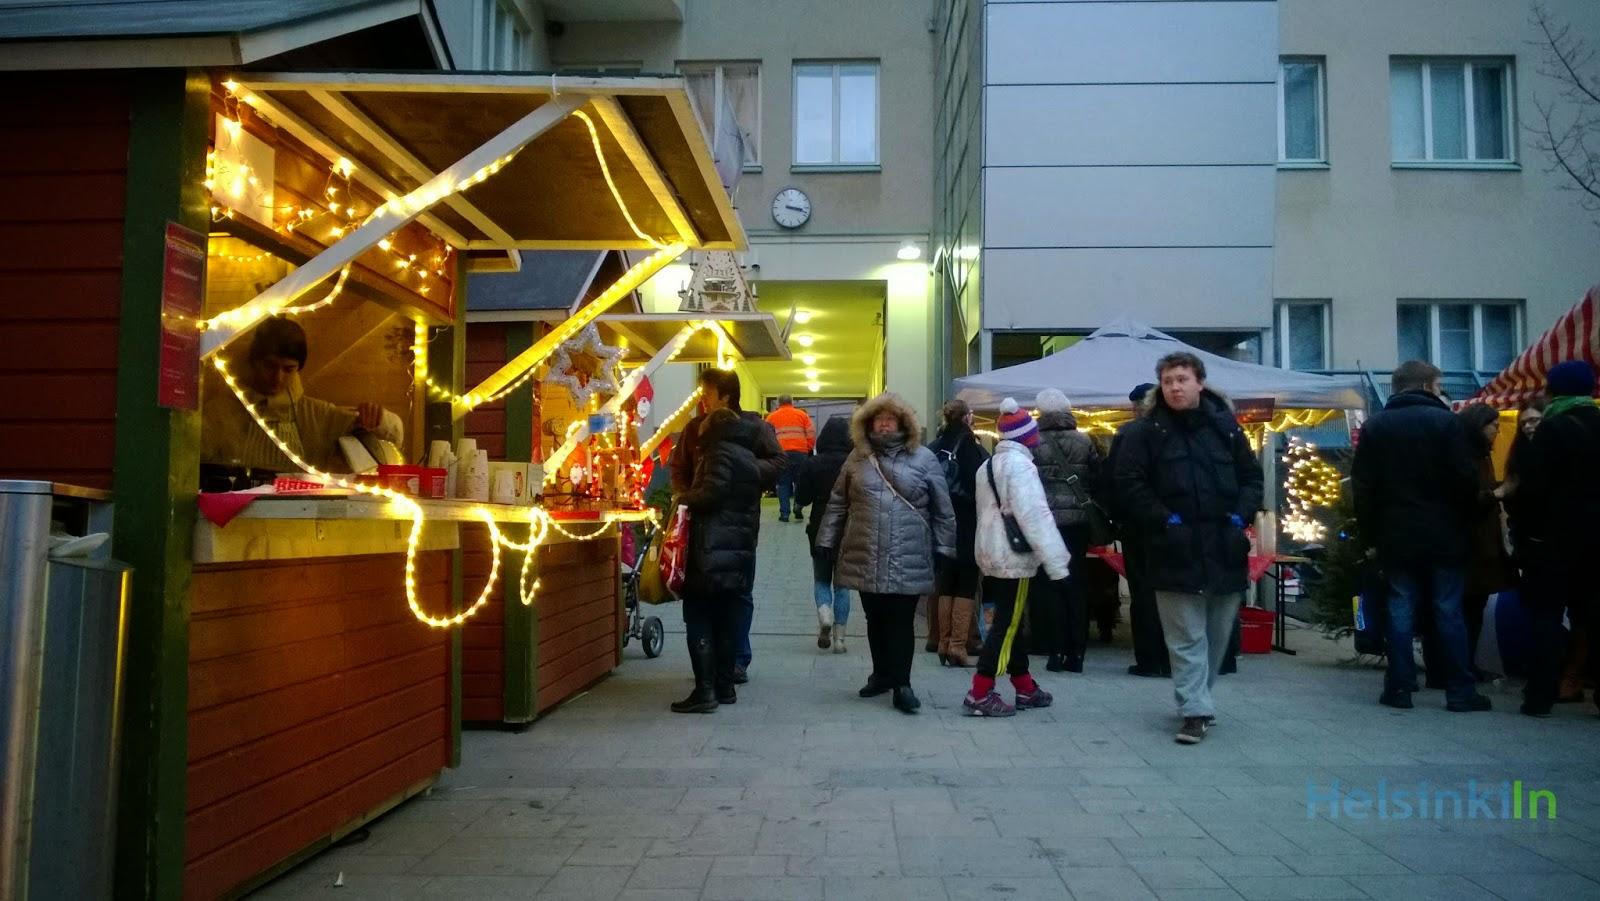 Weihnachtsbasar at Deutsche Schule